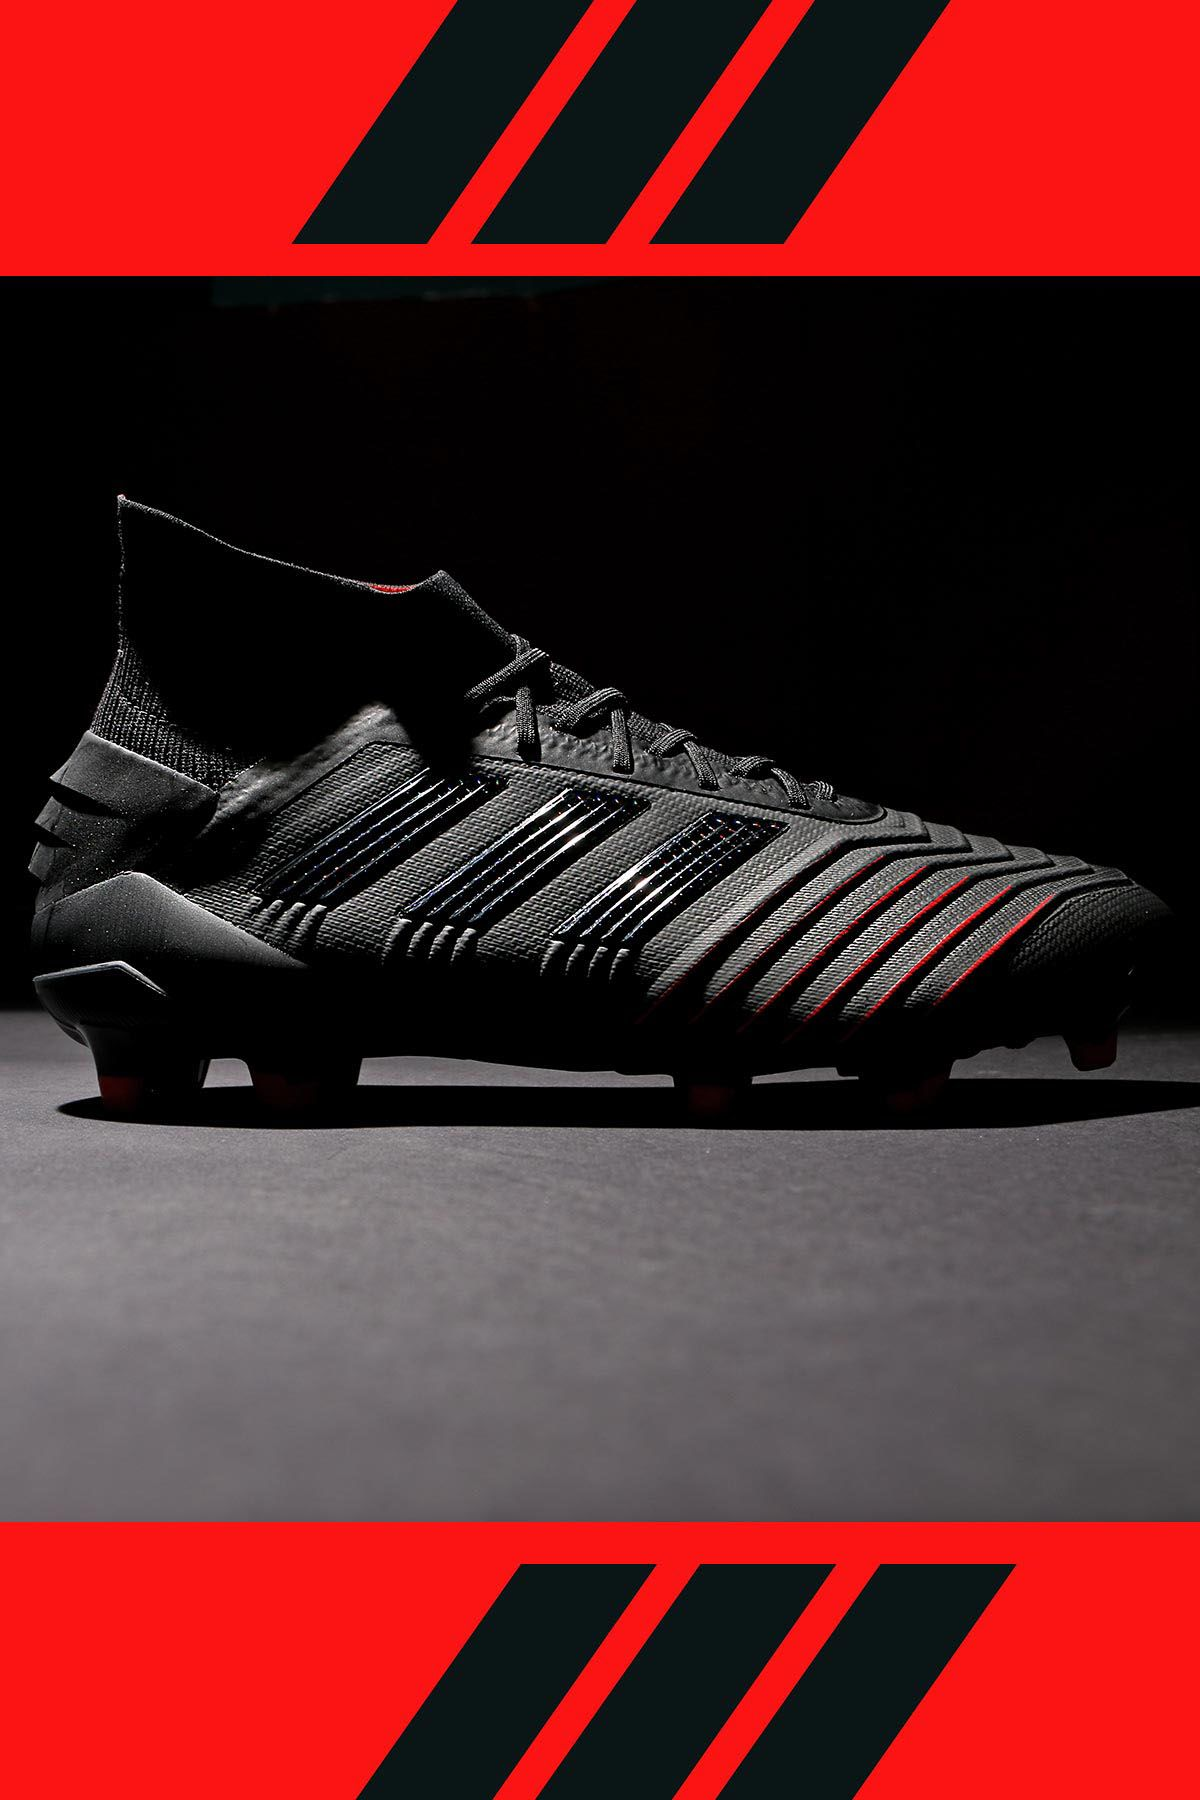 Aquí están las nuevas botas de fútbol adidas Predator de la